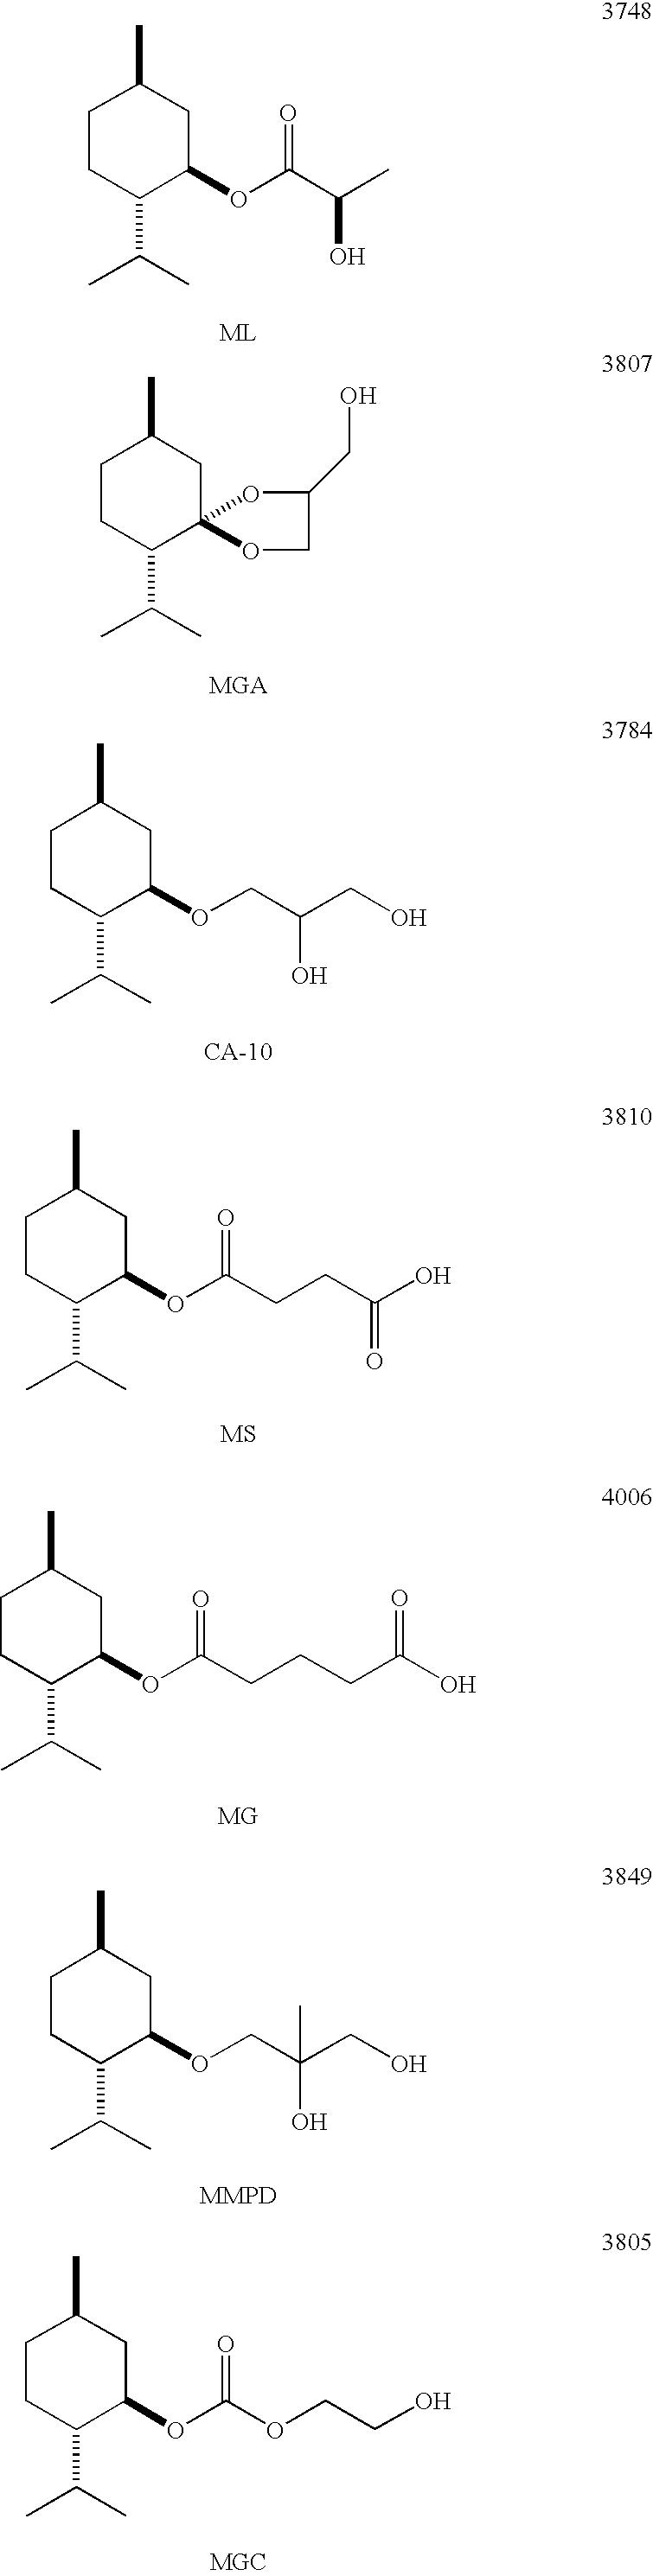 Figure US20080253973A1-20081016-C00005